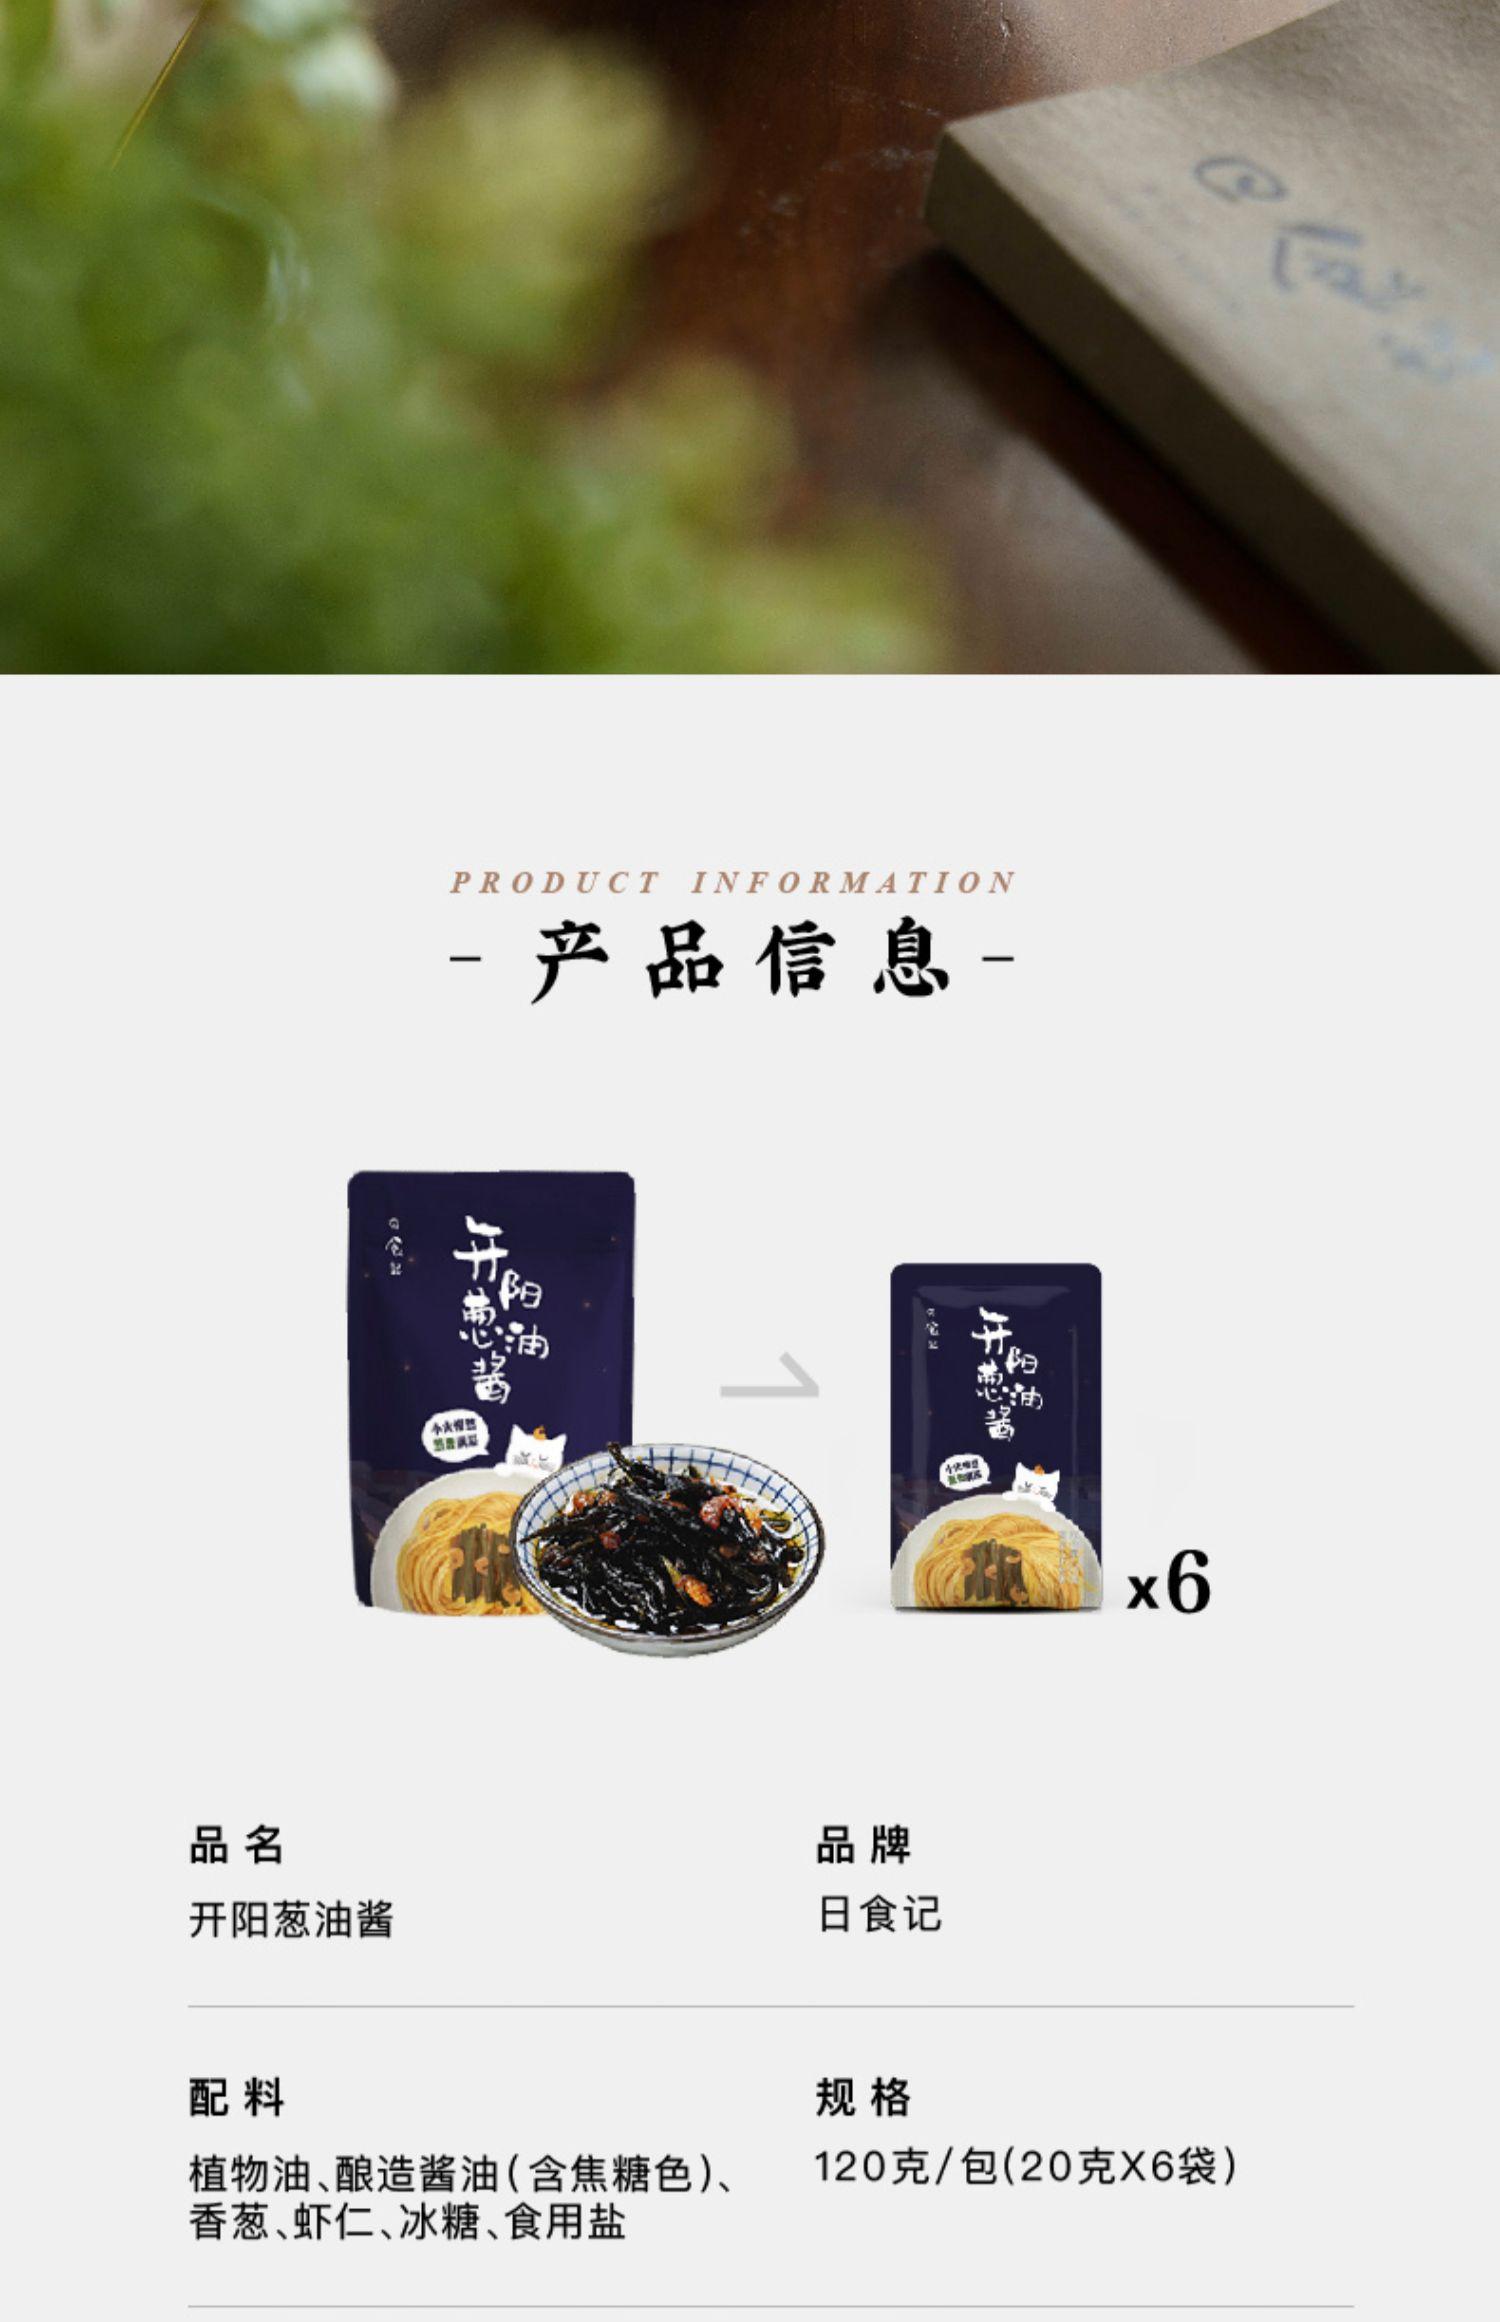 【日食记旗舰店】开阳葱油酱拌面酱6袋